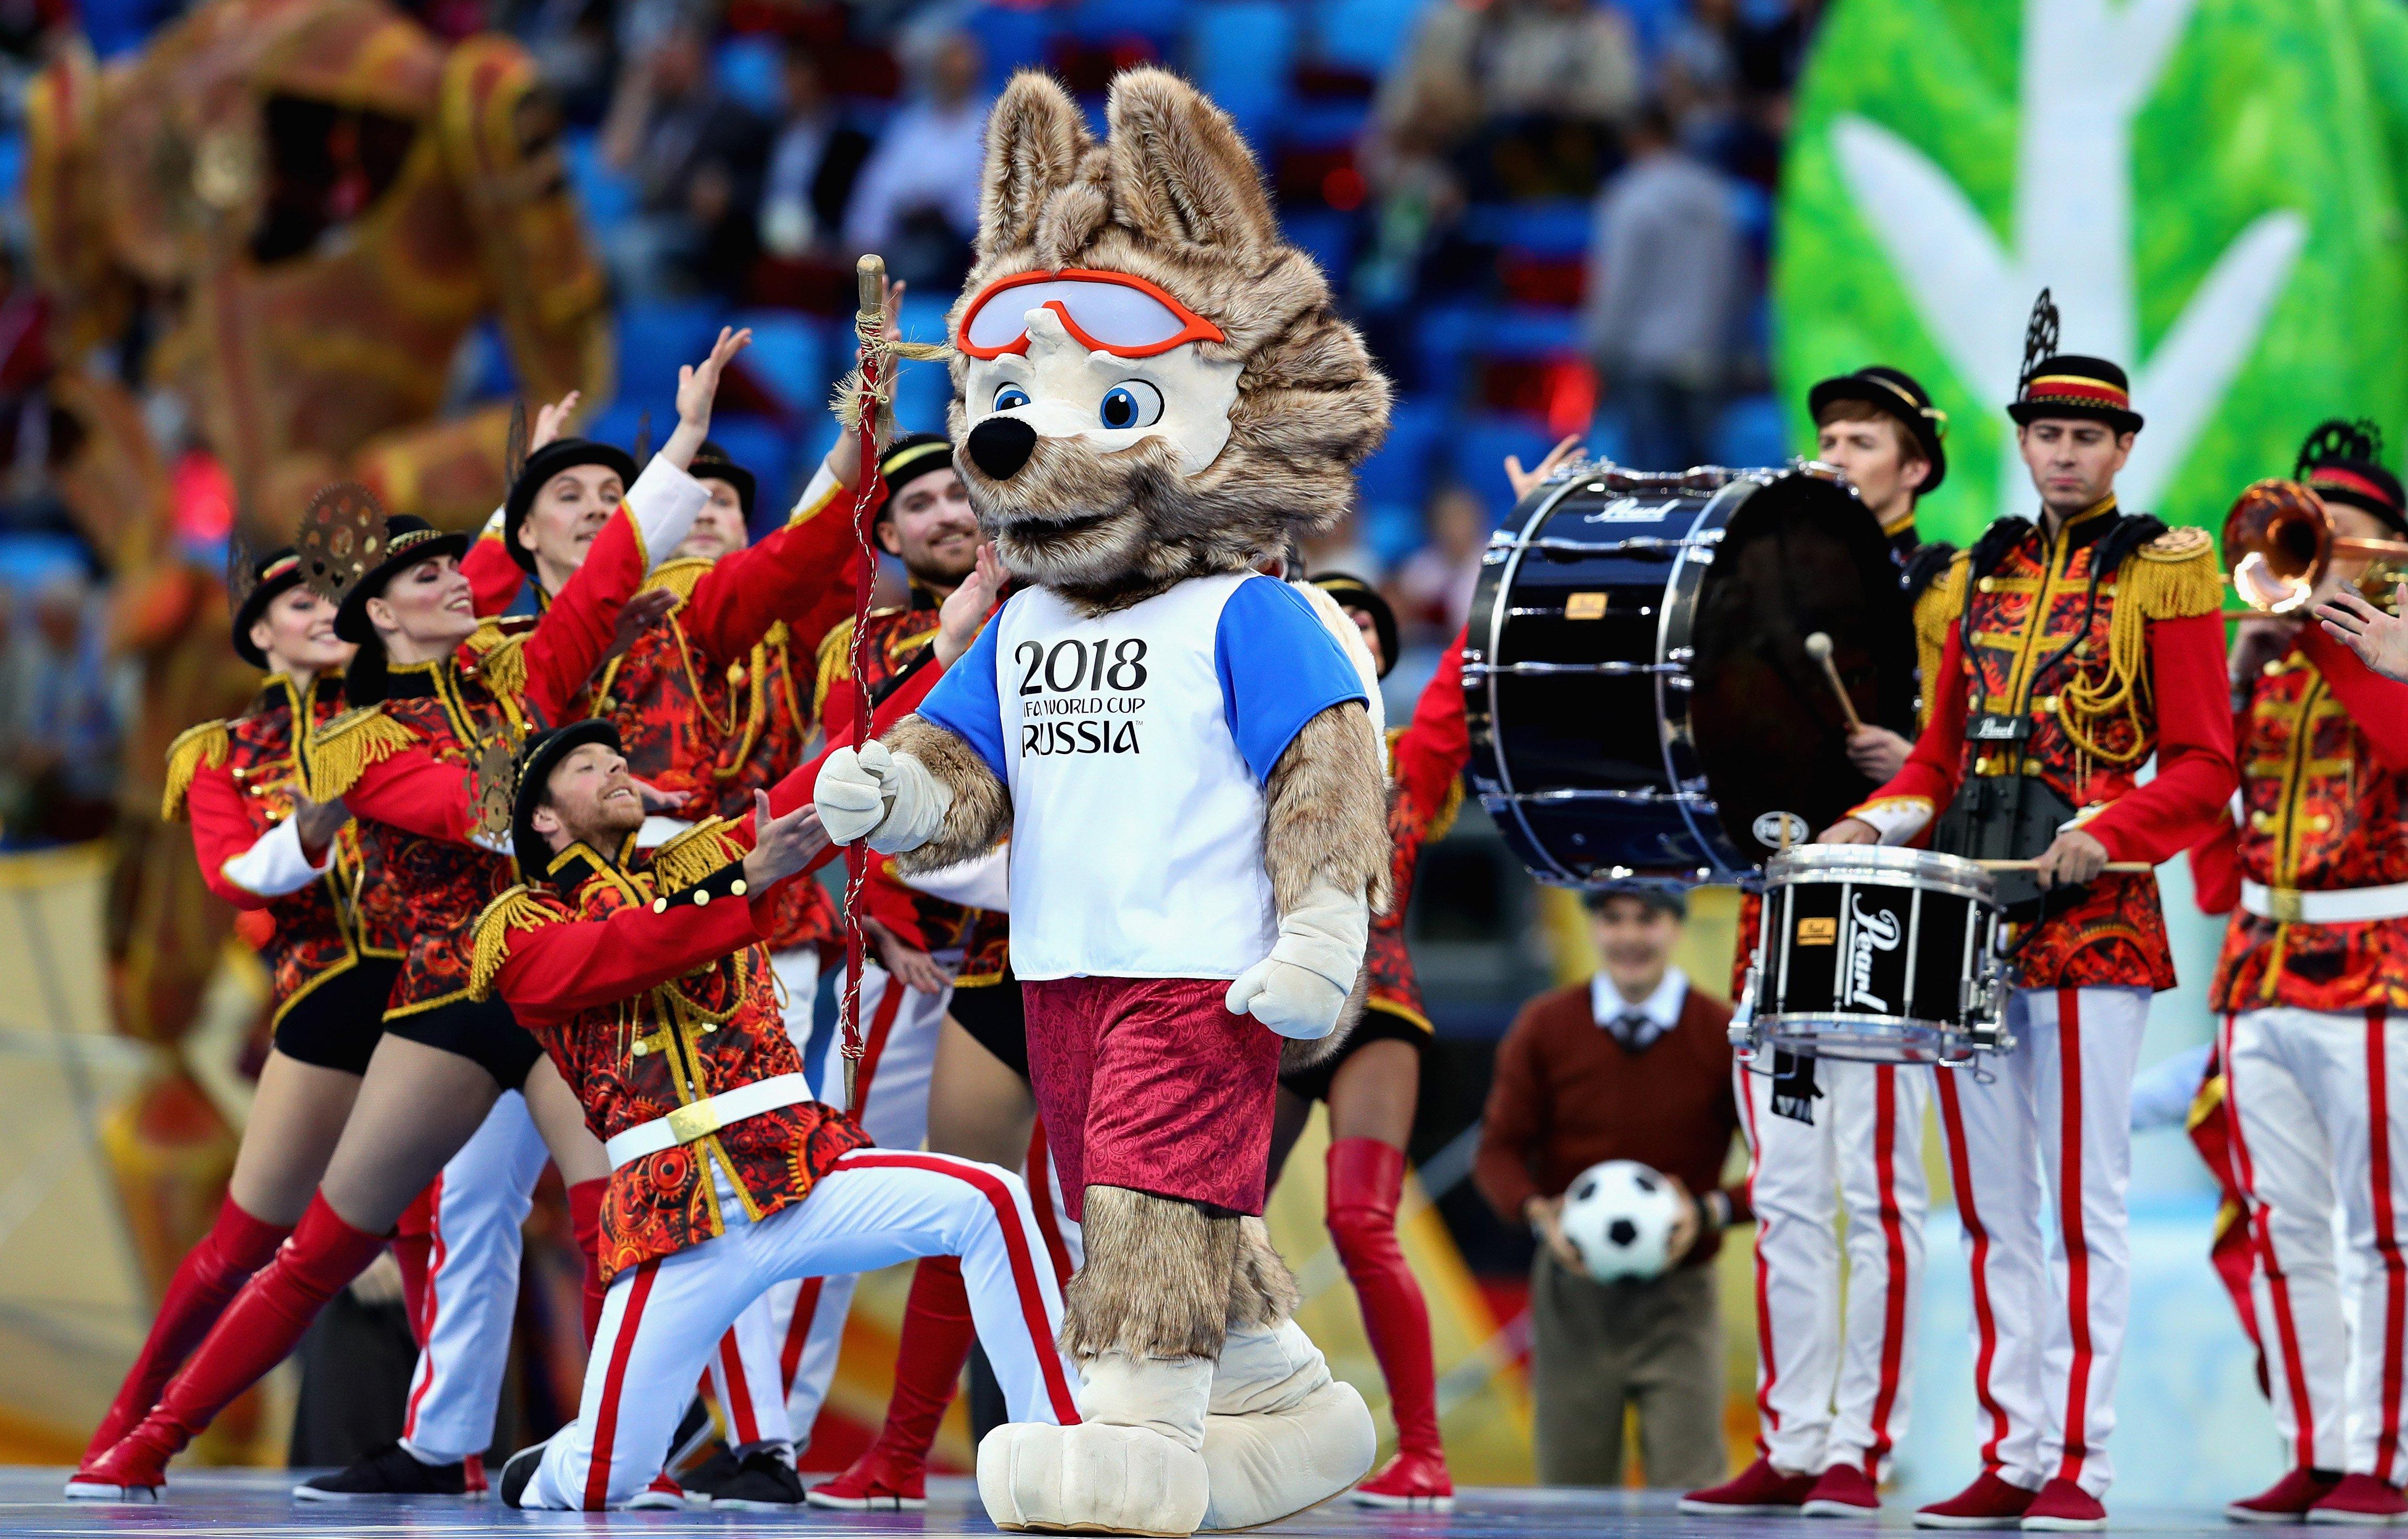 Mascota de Rusia 2018 junto a músicos